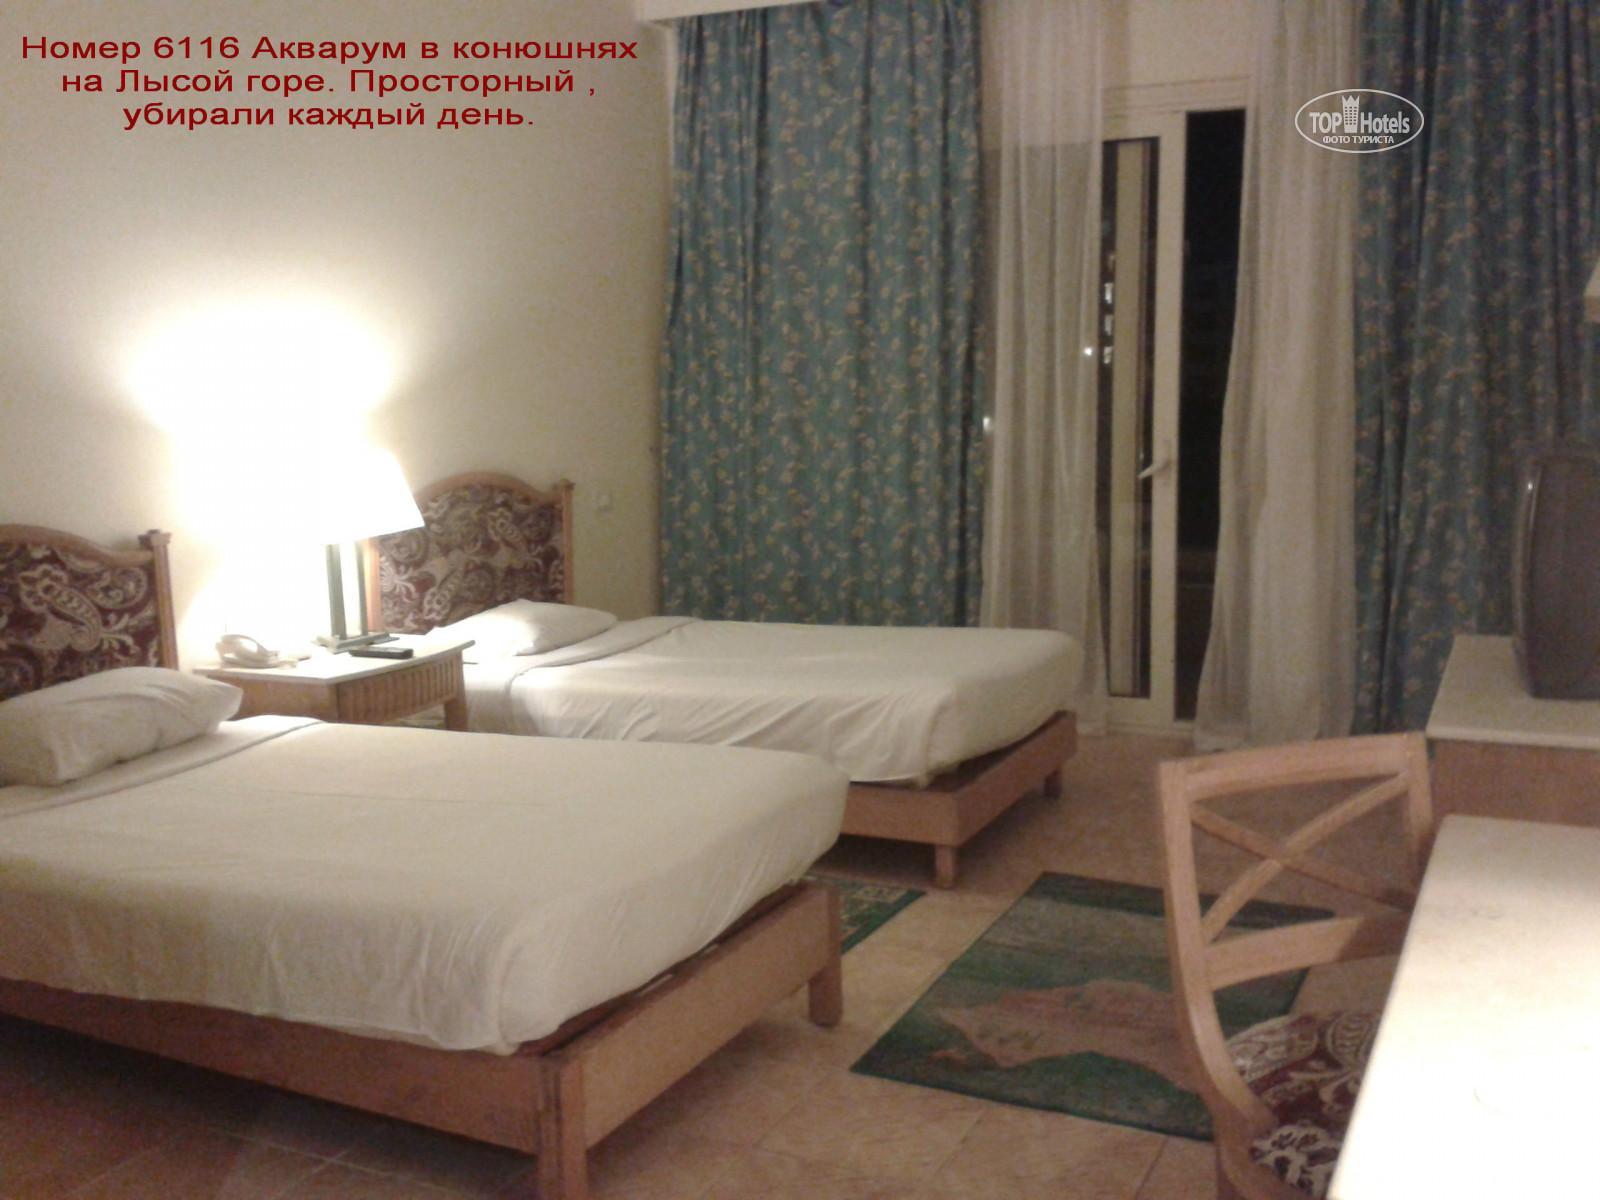 отель tia heights aqua 5 схема отеля